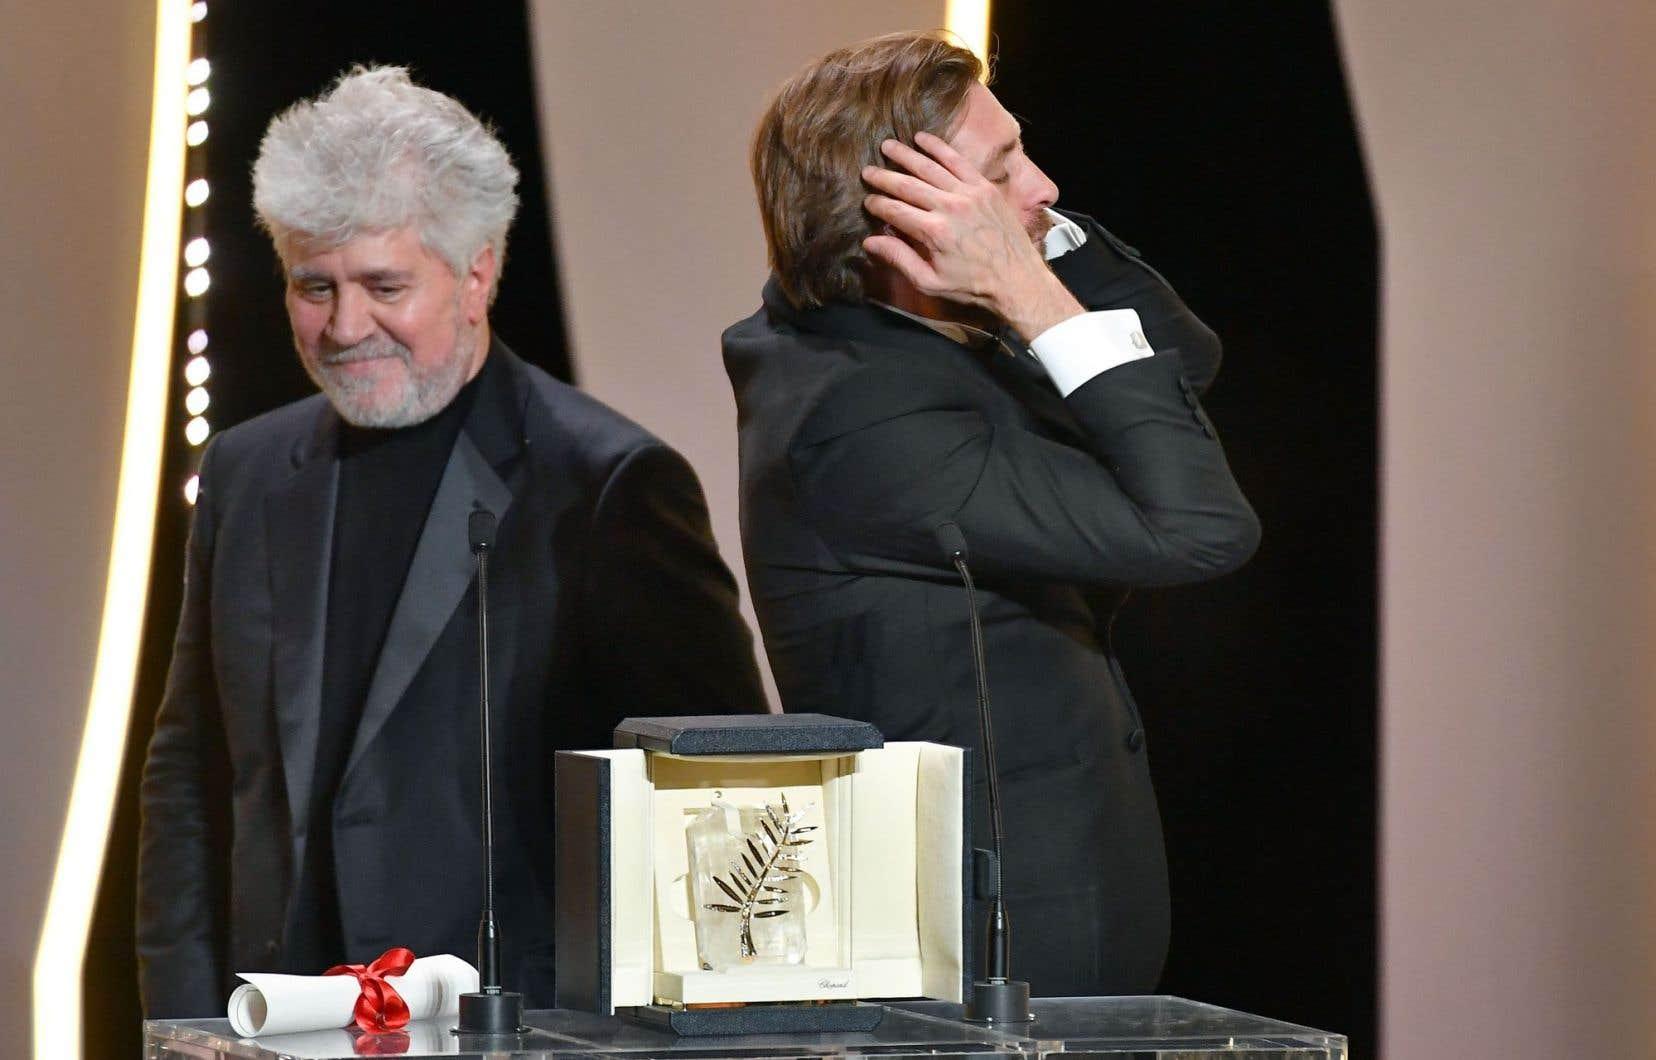 Le grinçant «The Square», du cinéaste suédois Ruben Östlund, a remporté la plus grande distinction dimanche en clôture du 70e Festival de Cannes. C'est le réalisateur espagnol Pedro Almodóvar, à gauche sur la photo, qui présidait le jury cette année.